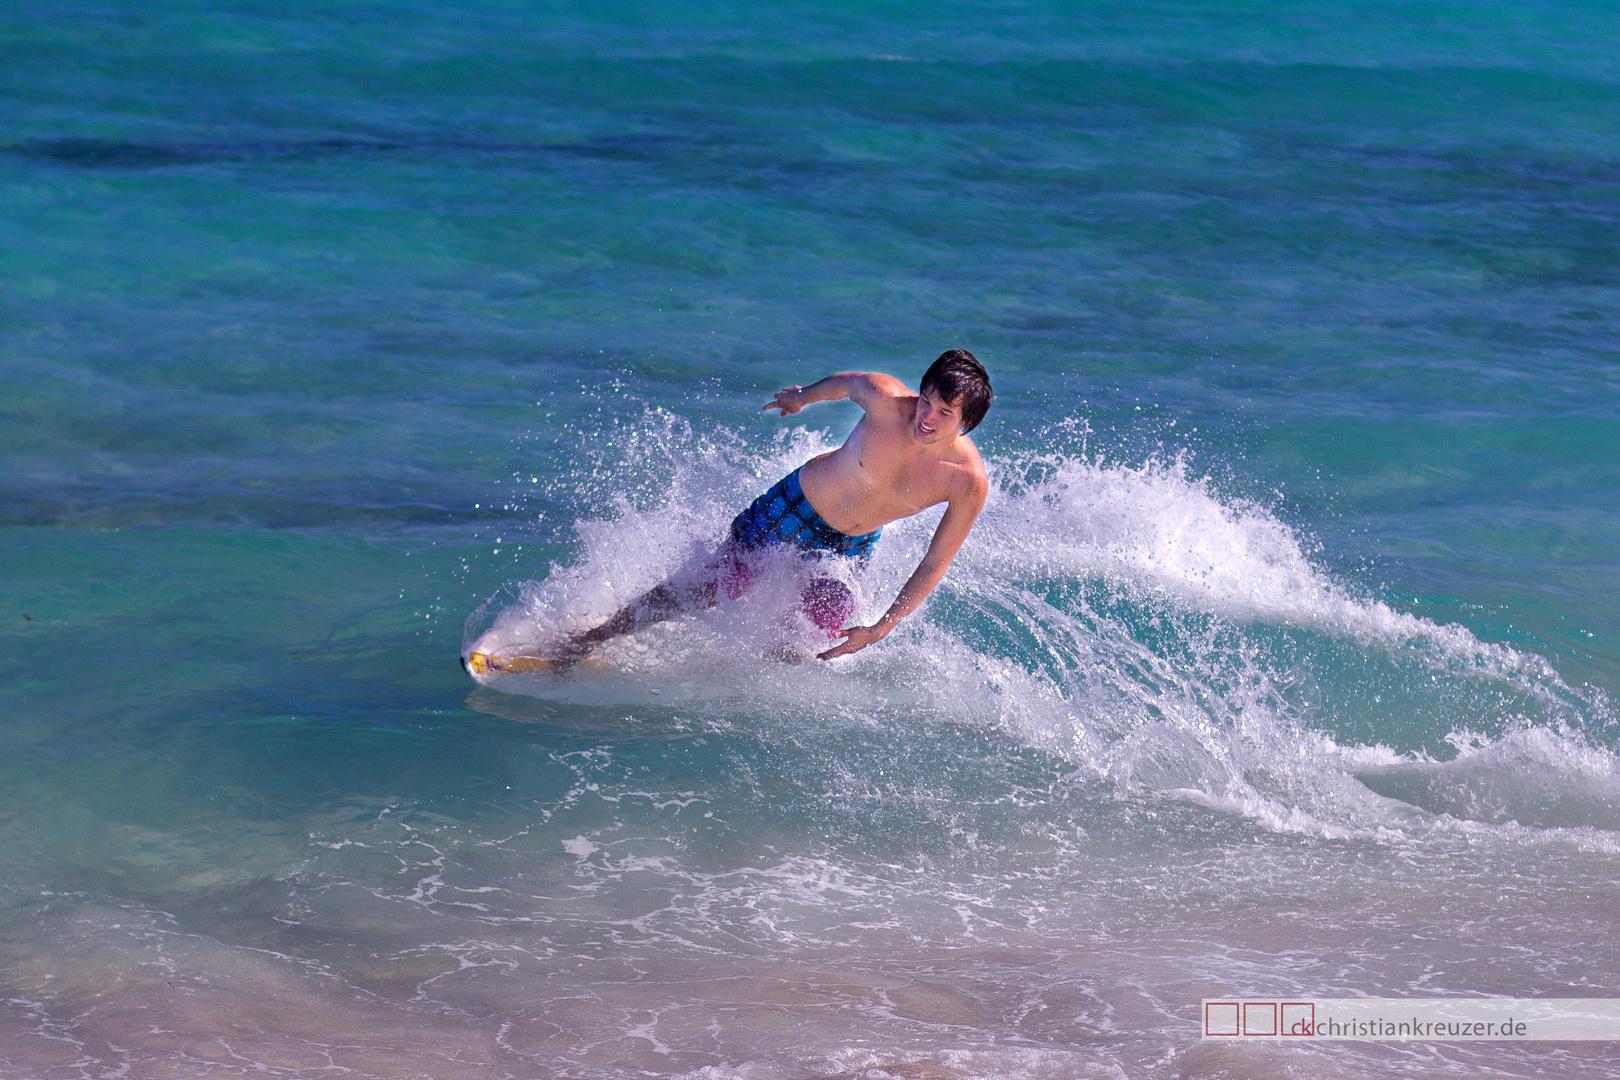 Surfer am Strand von Miami Beach - edit